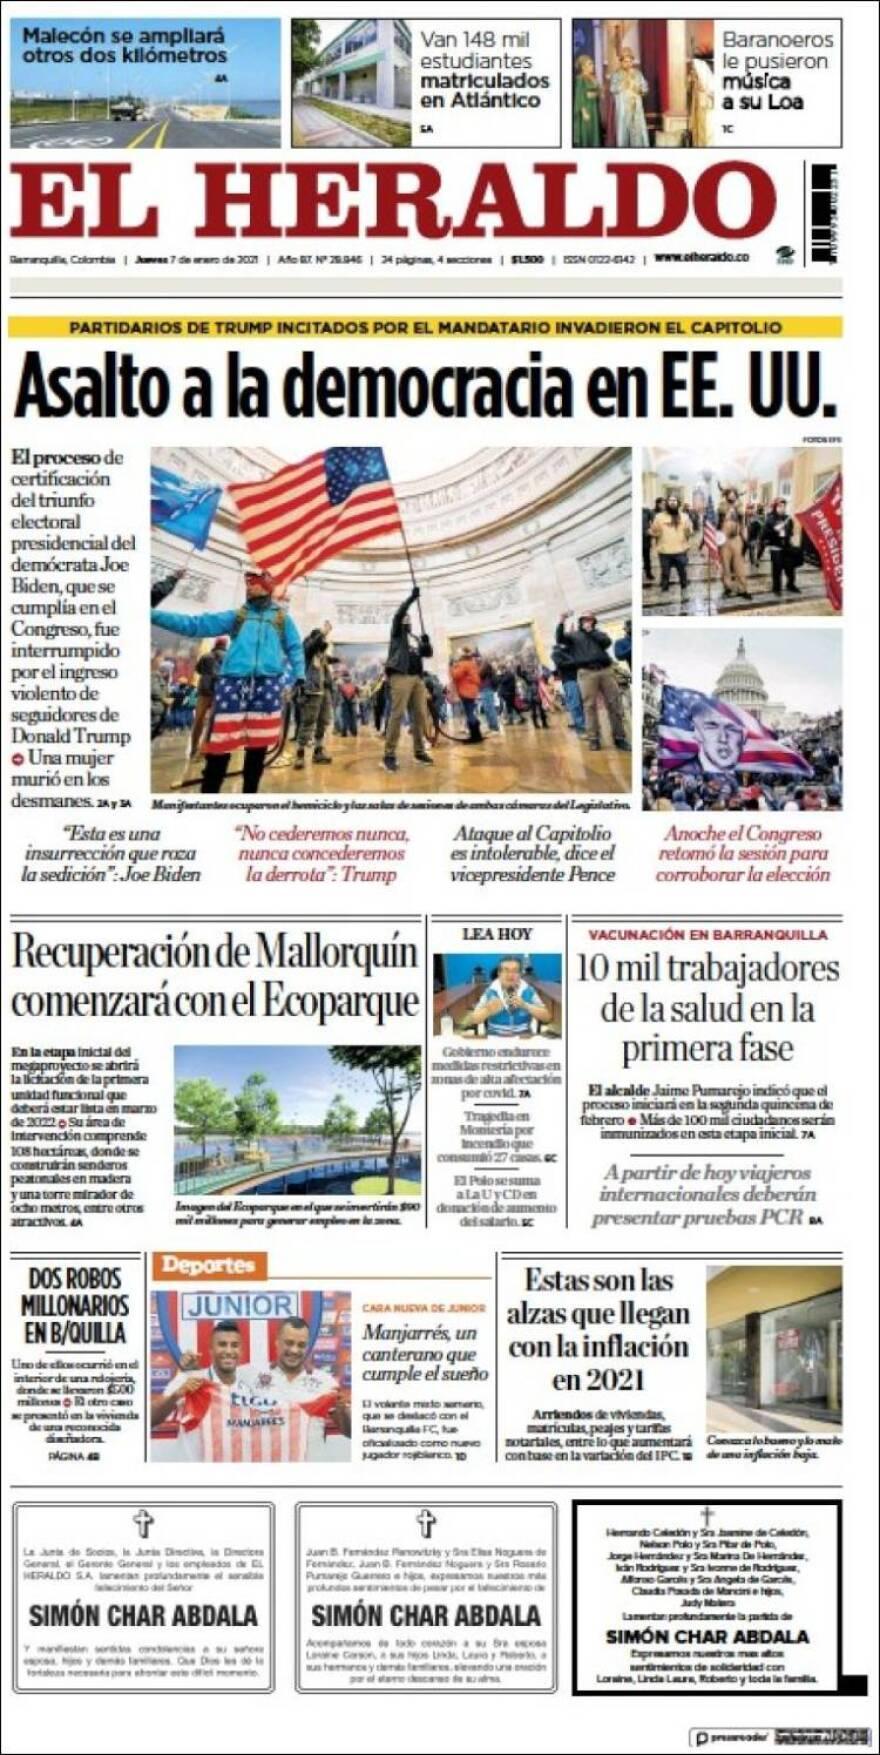 El Heraldo Colombia.jpg